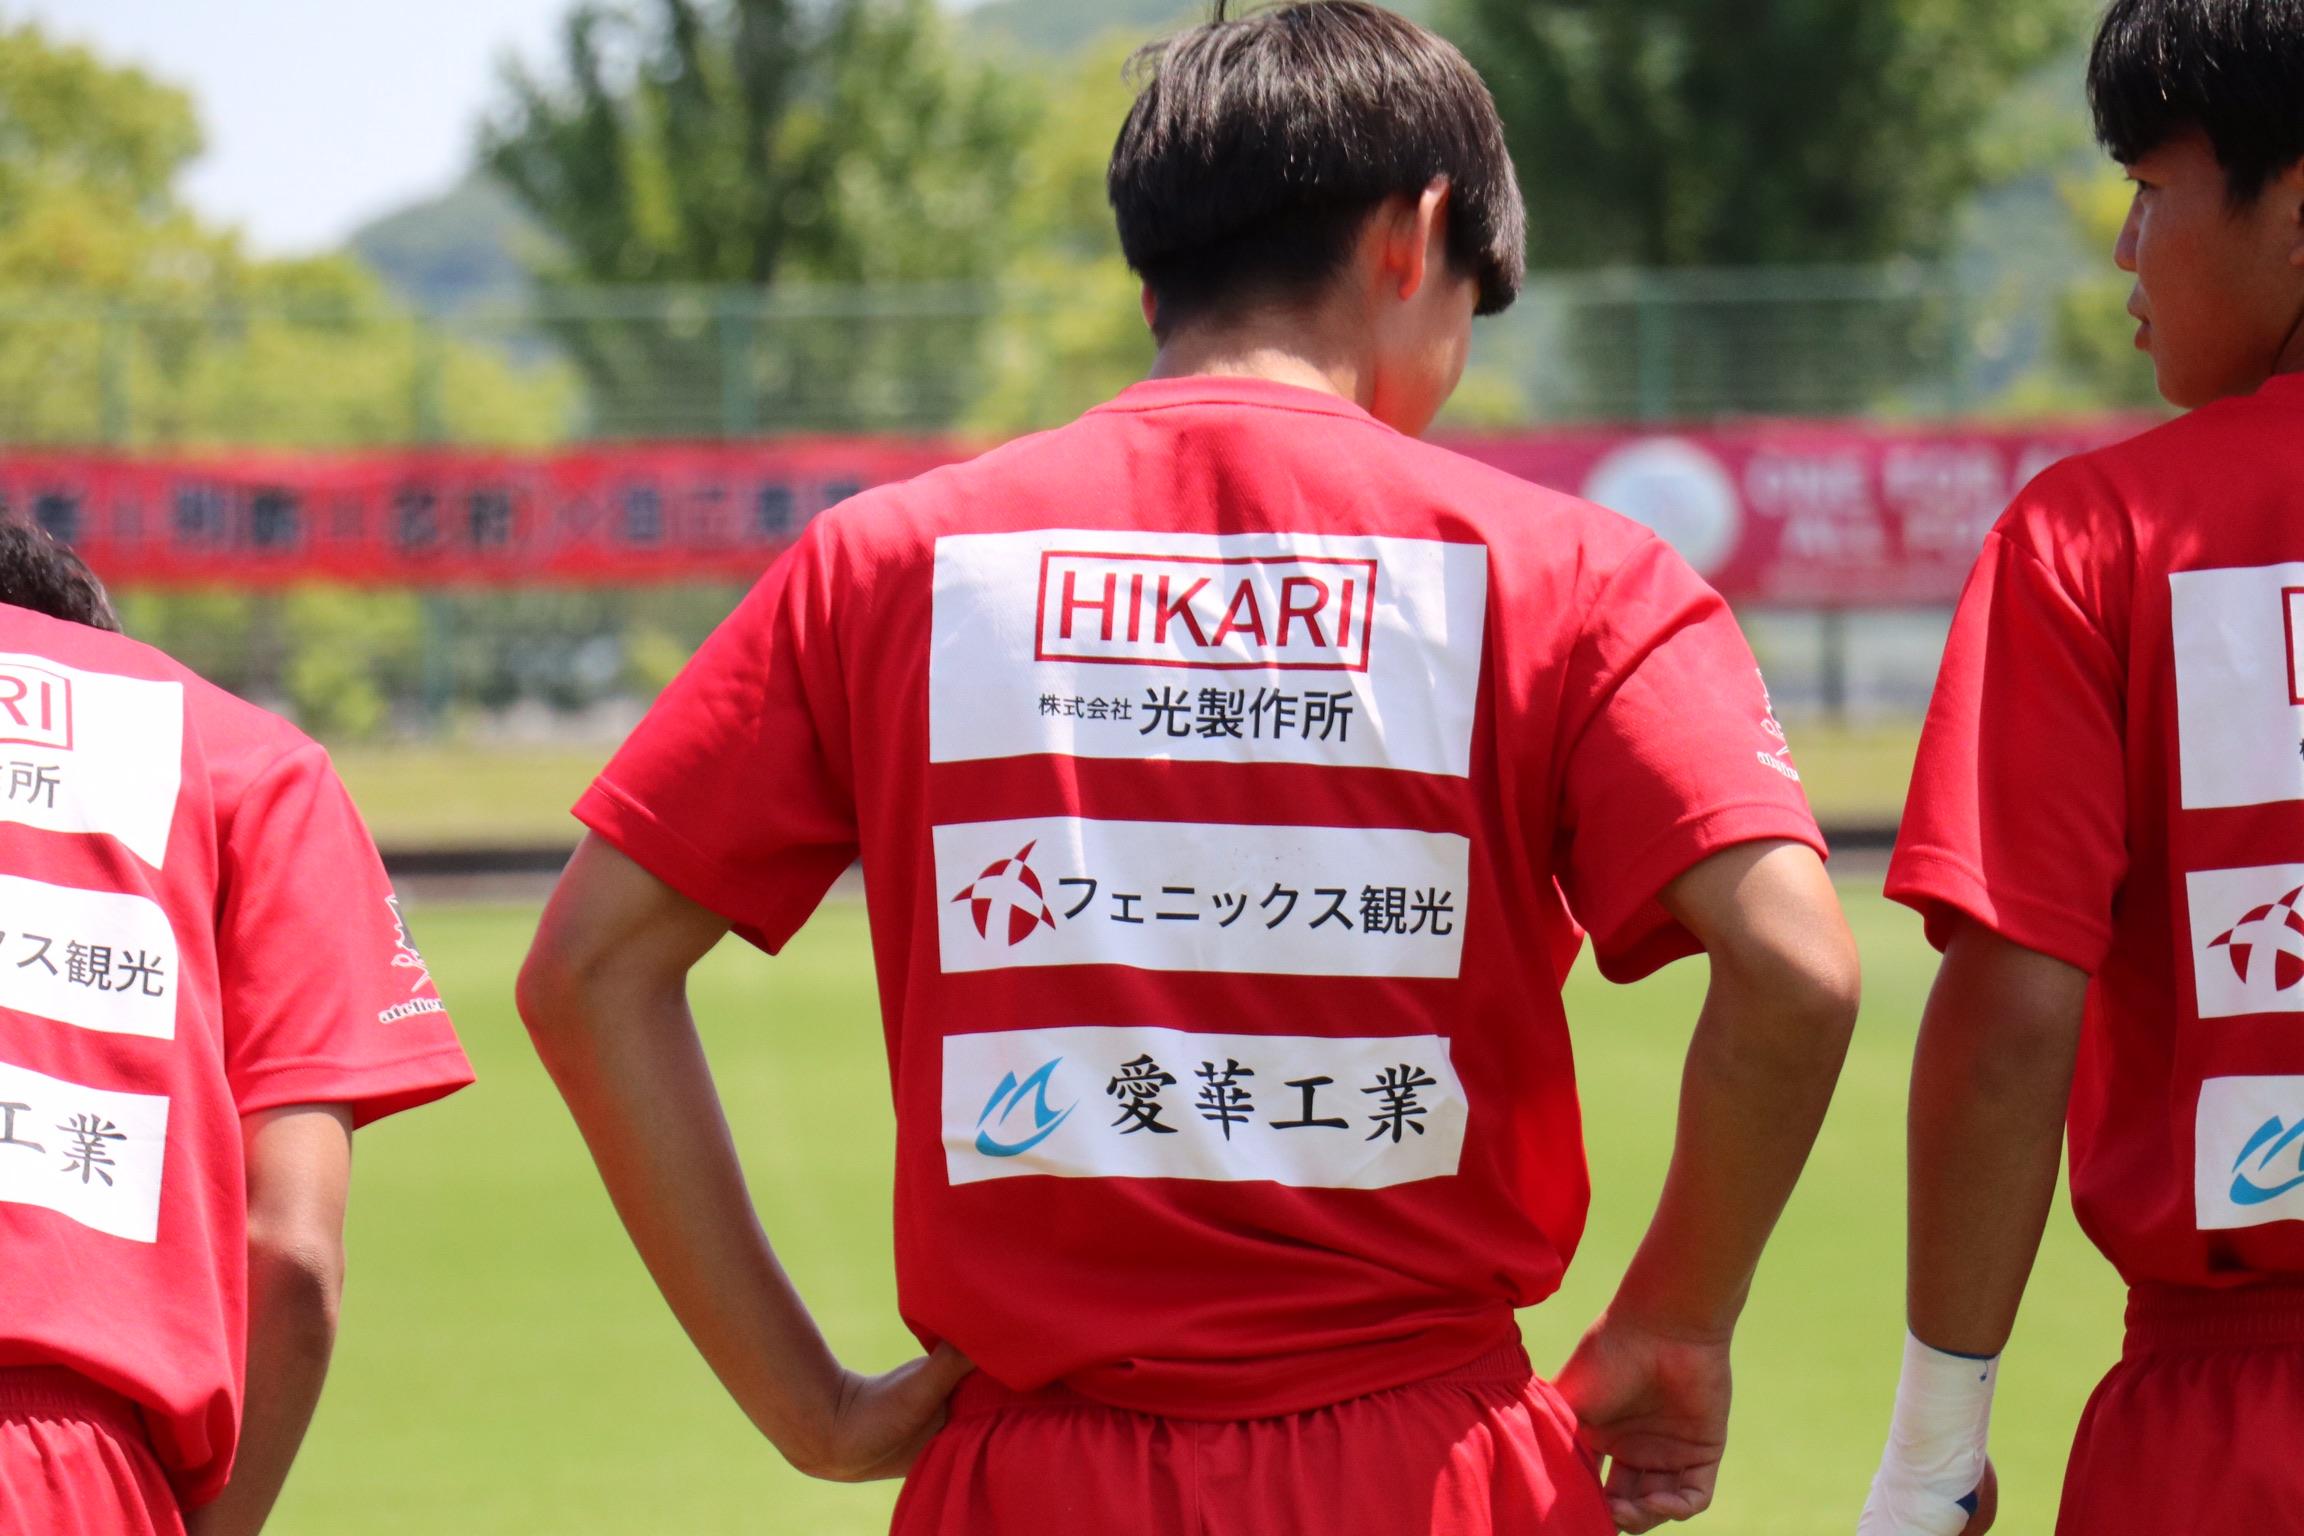 香川県高等学校総合体育大会サッカー競技 2回戦 フォトギャラリー